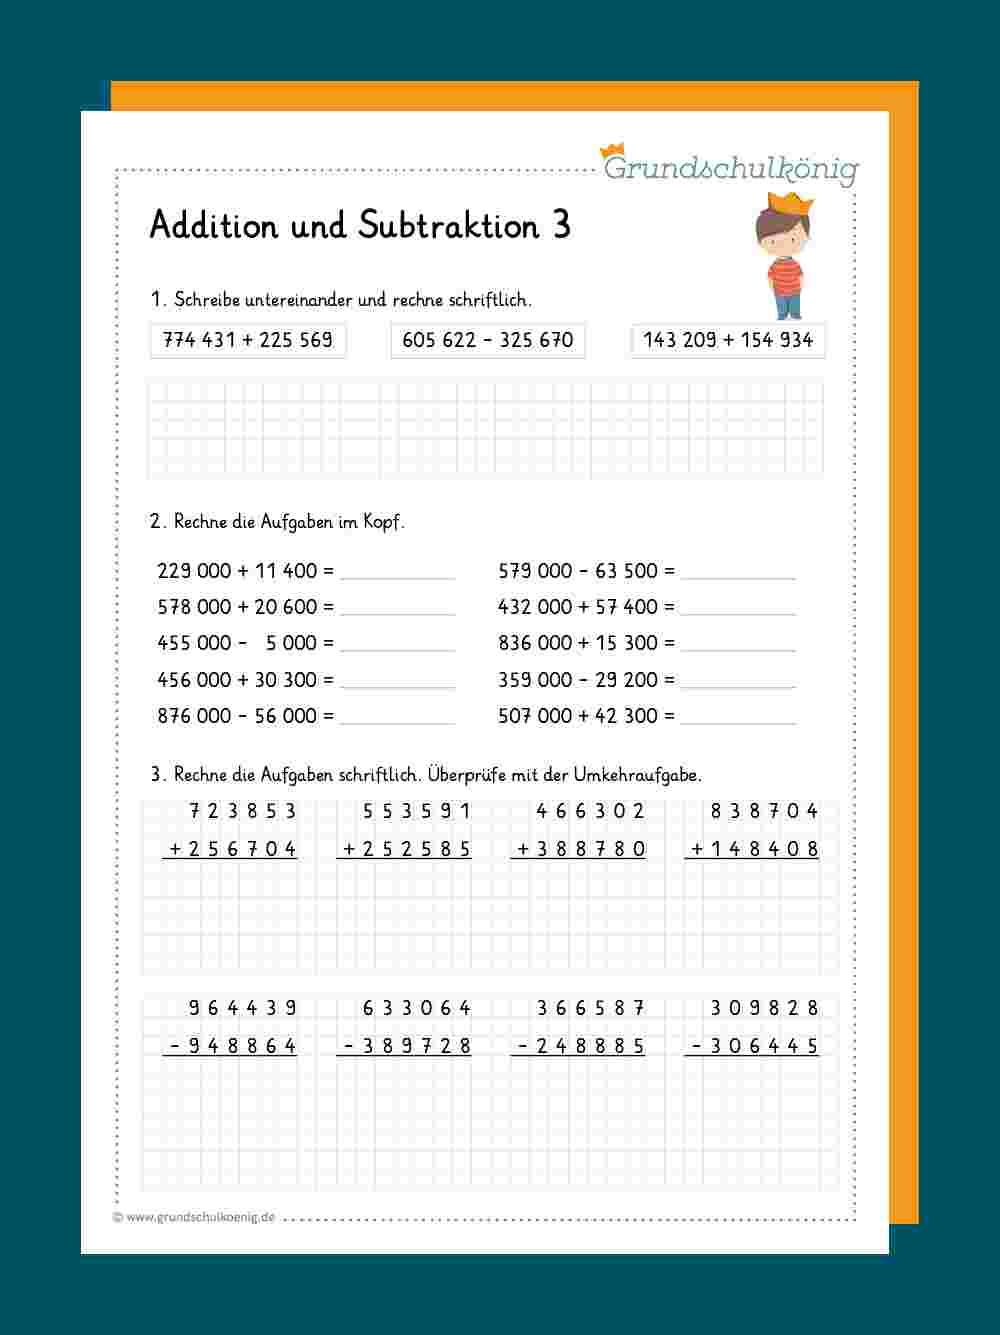 Addition und Subtraktion im Zahlenraum 20 20 20